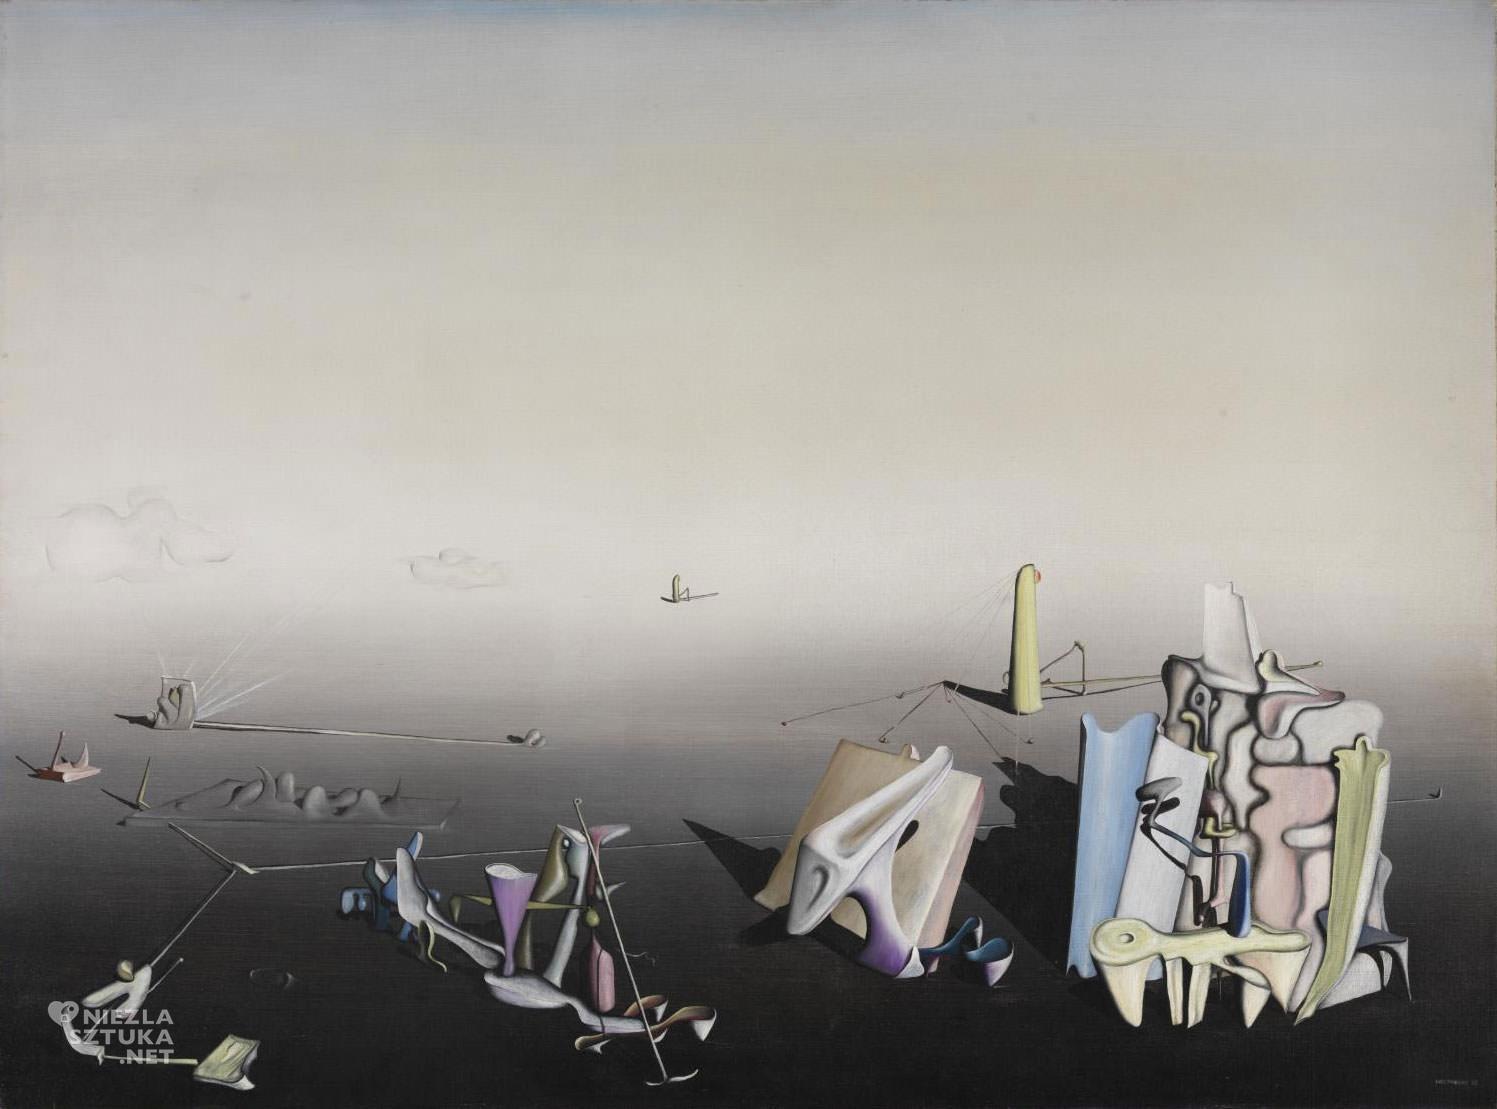 Yves Tanguy, Lazurowy dzień, surrealizm francuski, surrealizm, malarstwo francuskie, sztuka francuska, grupa Andre Breton, malarstwo francuskie, Niezła Sztuka